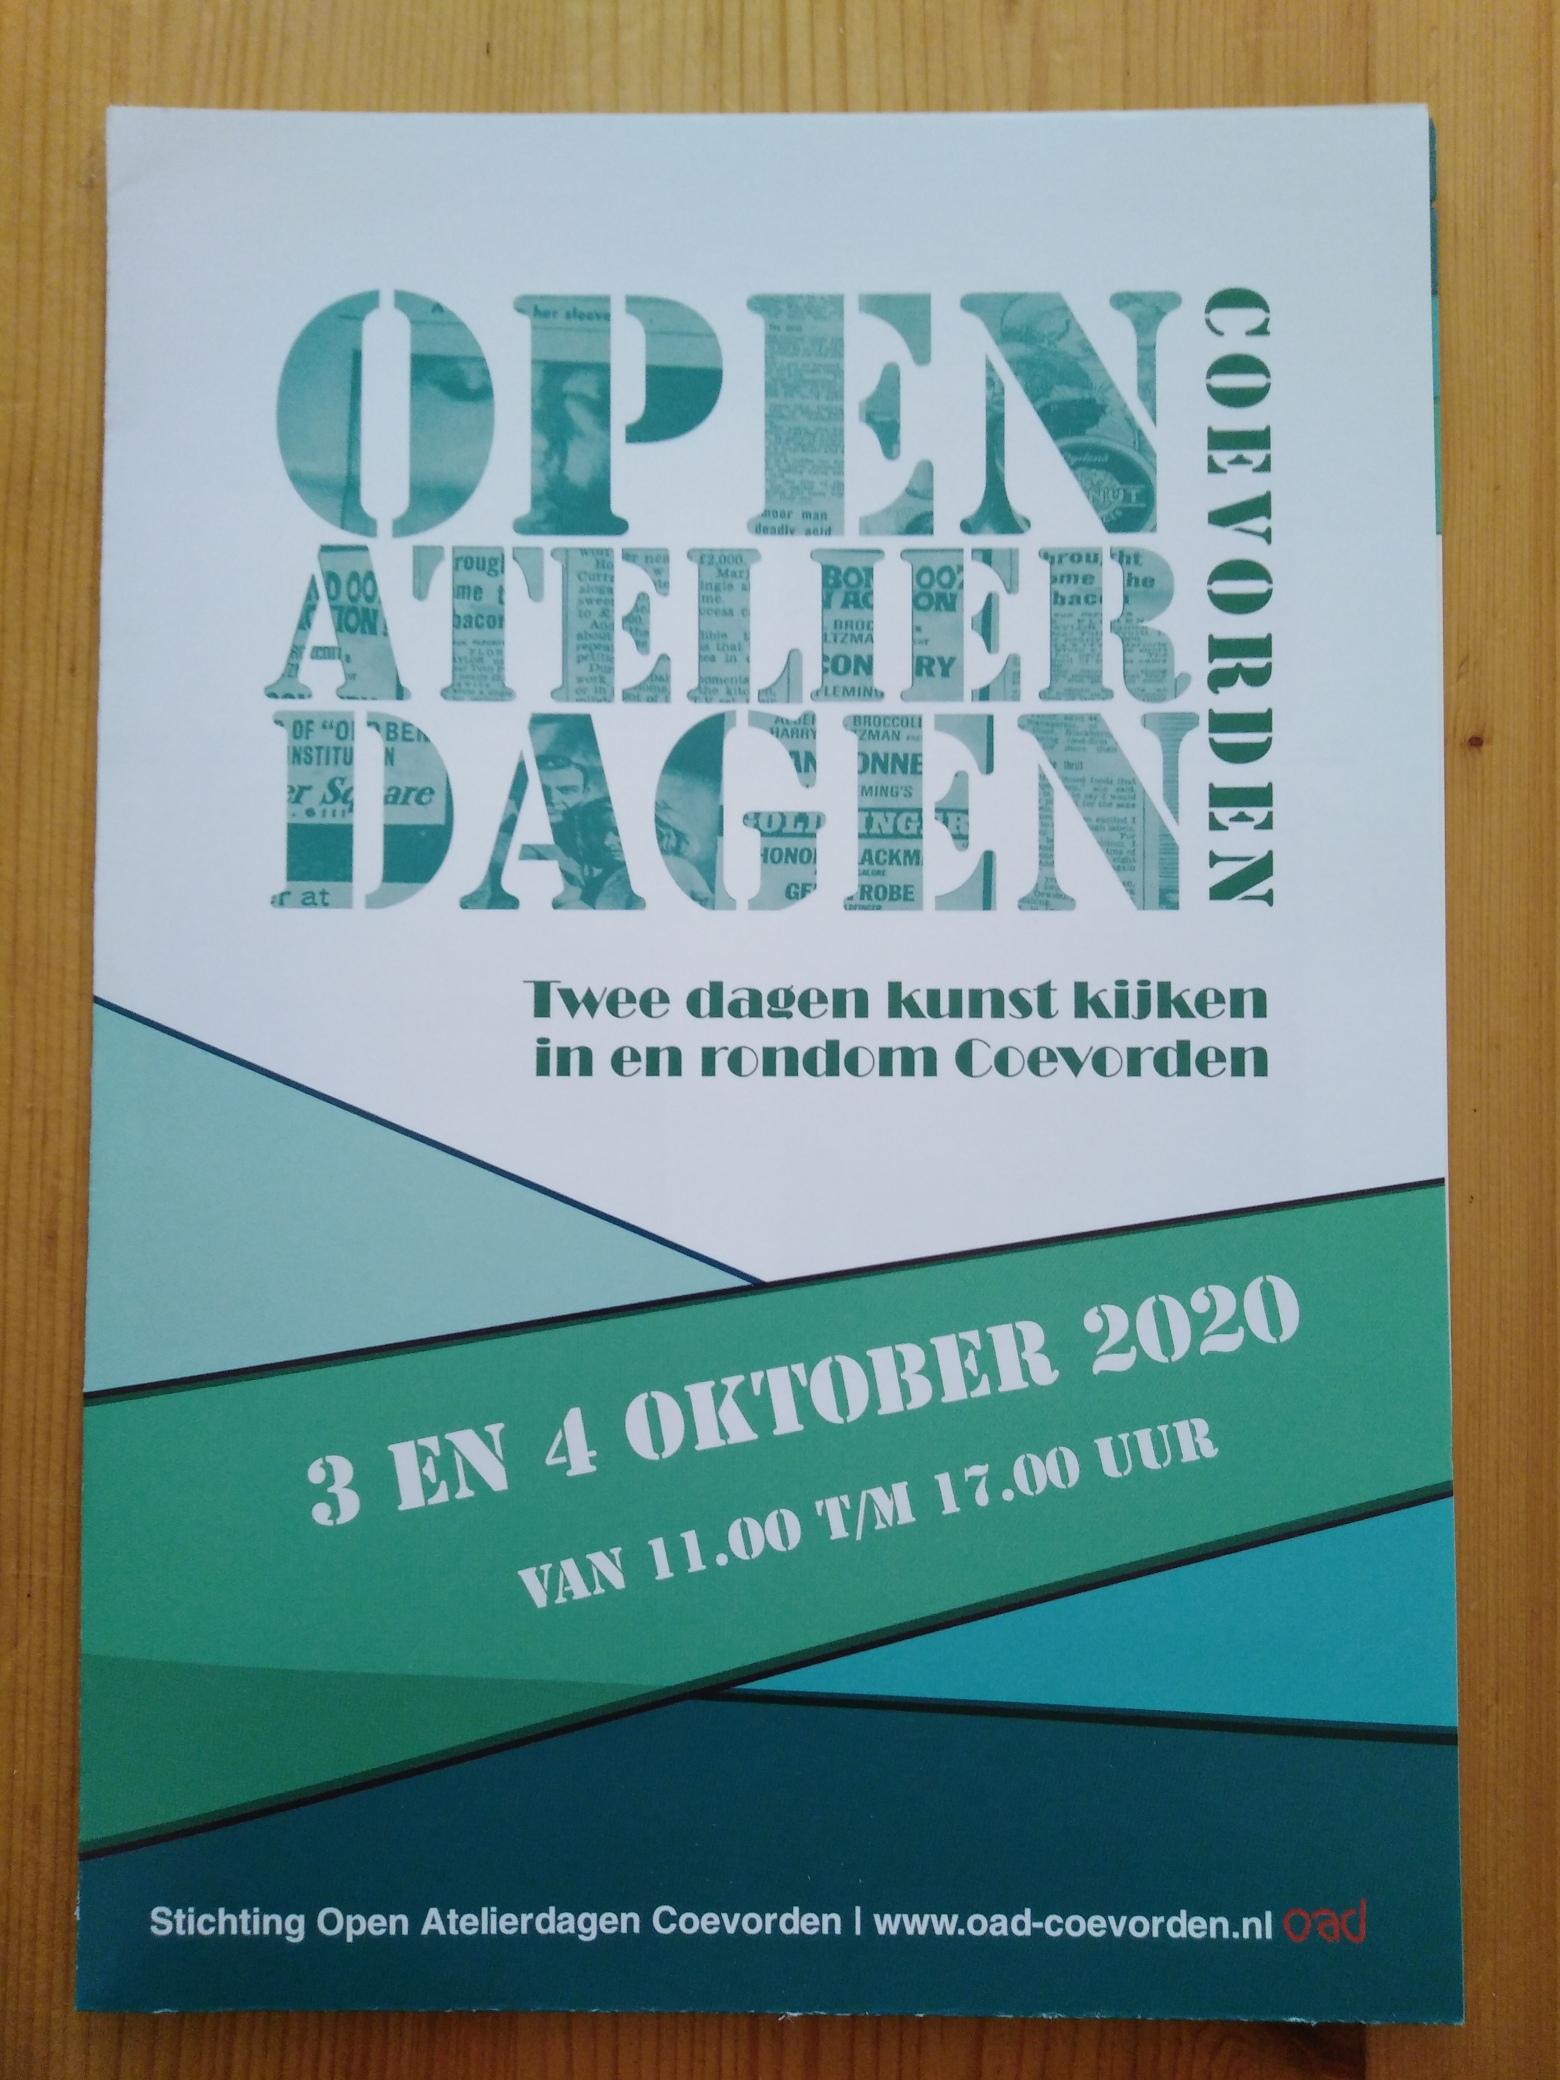 Open Atelier Dagen 2020